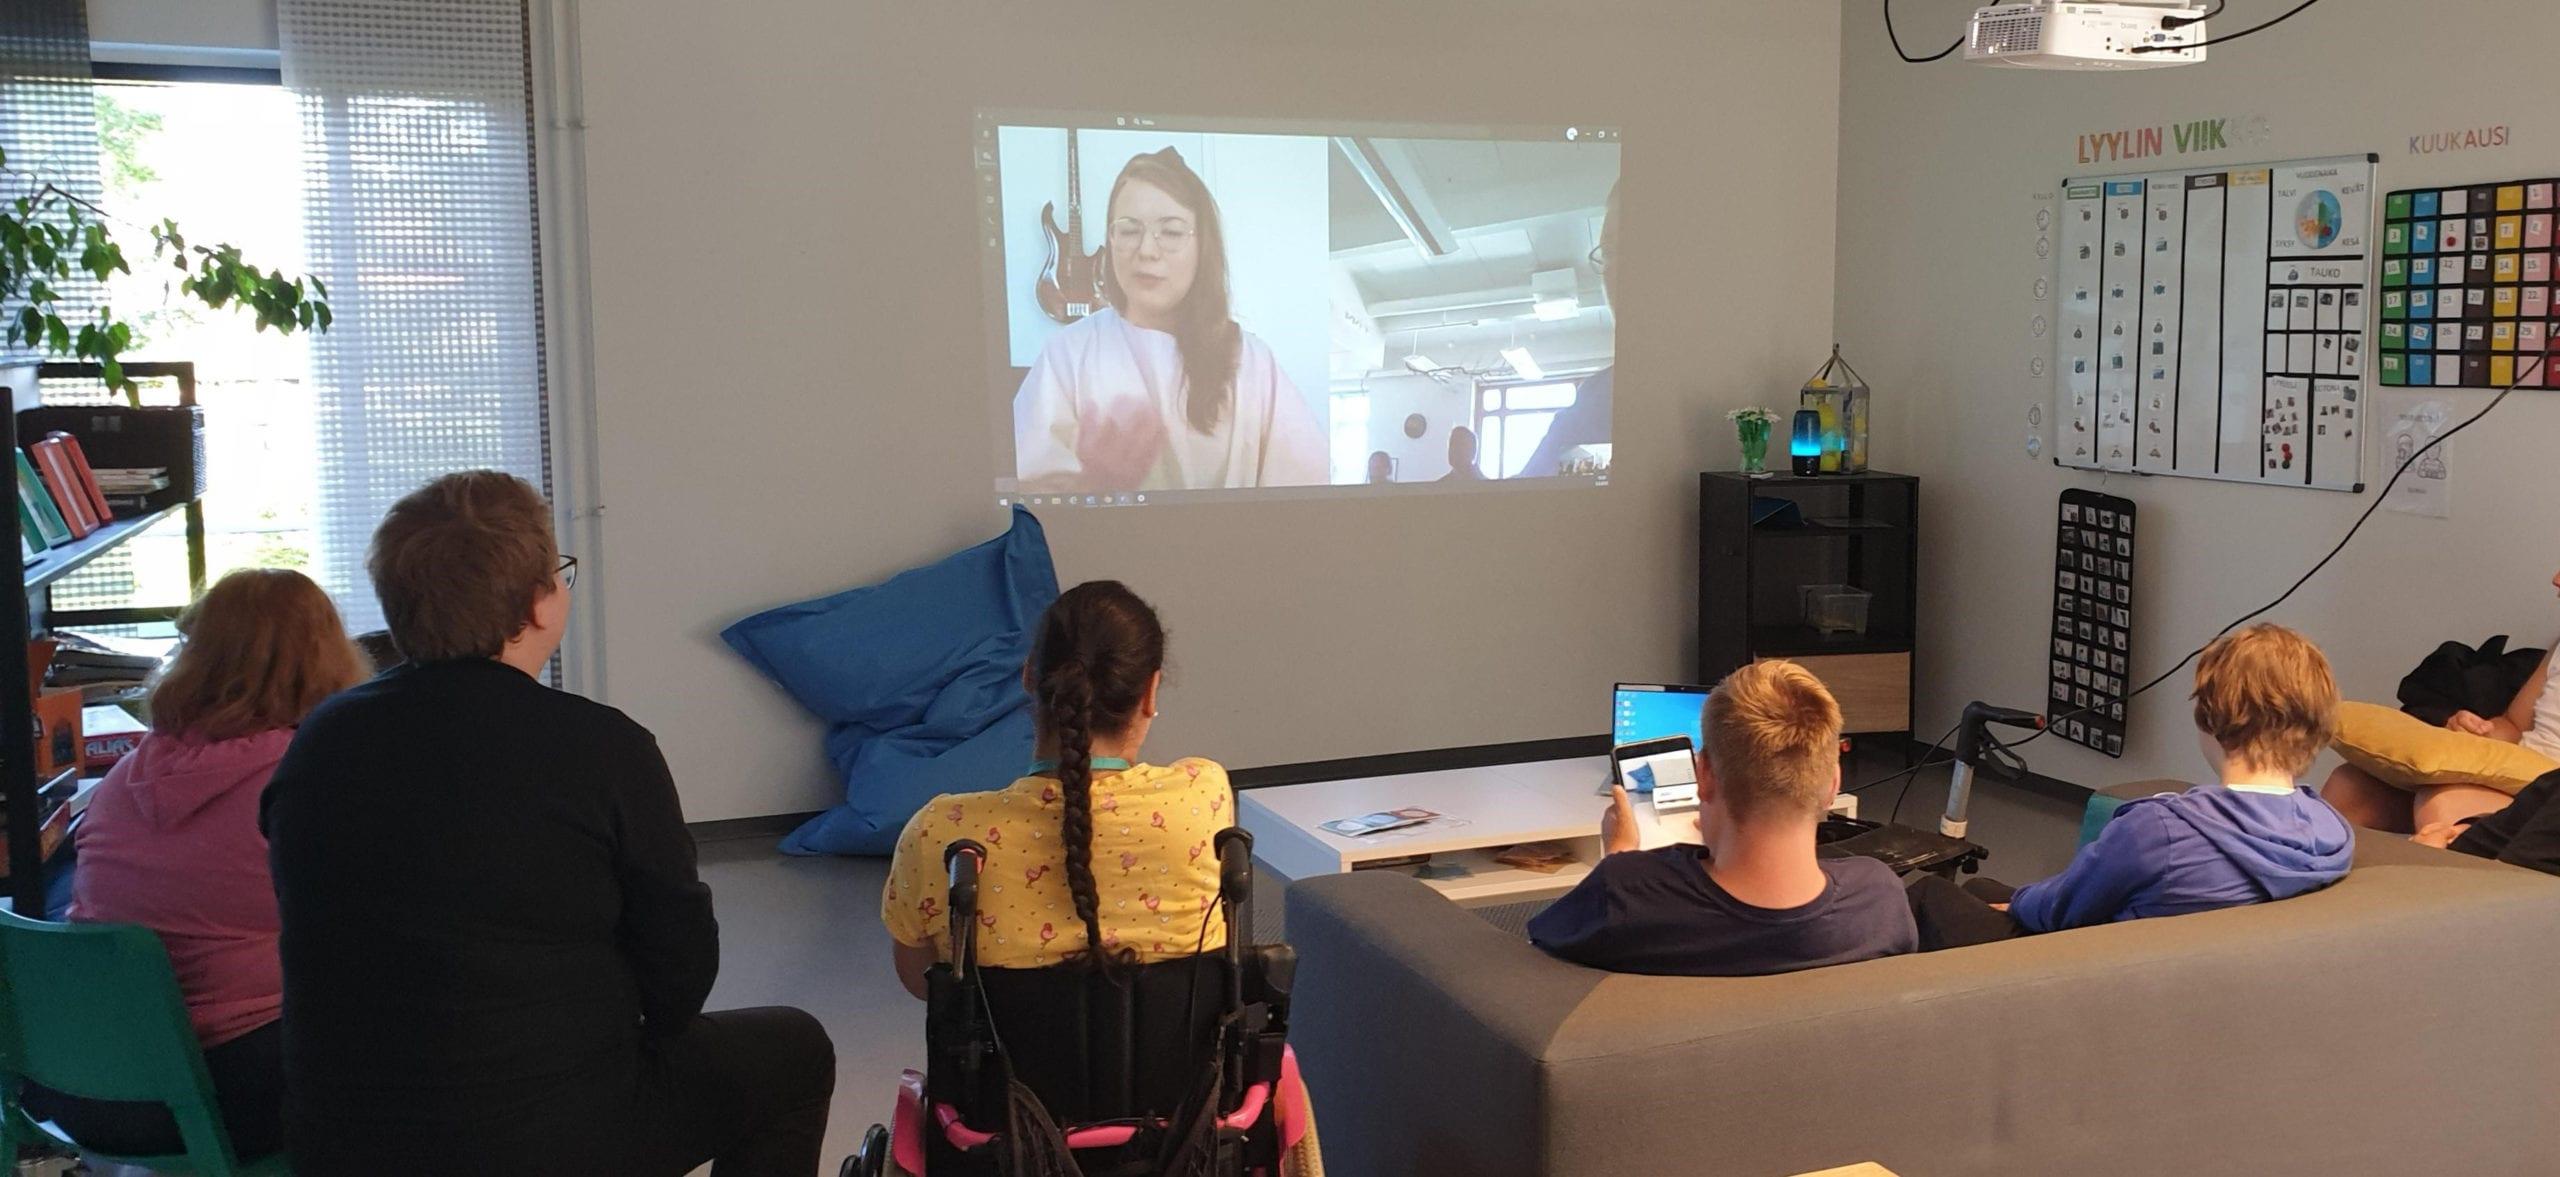 Henkilöitä istumassa sohvalla ja katsomassa seinälle heijastettua videota.